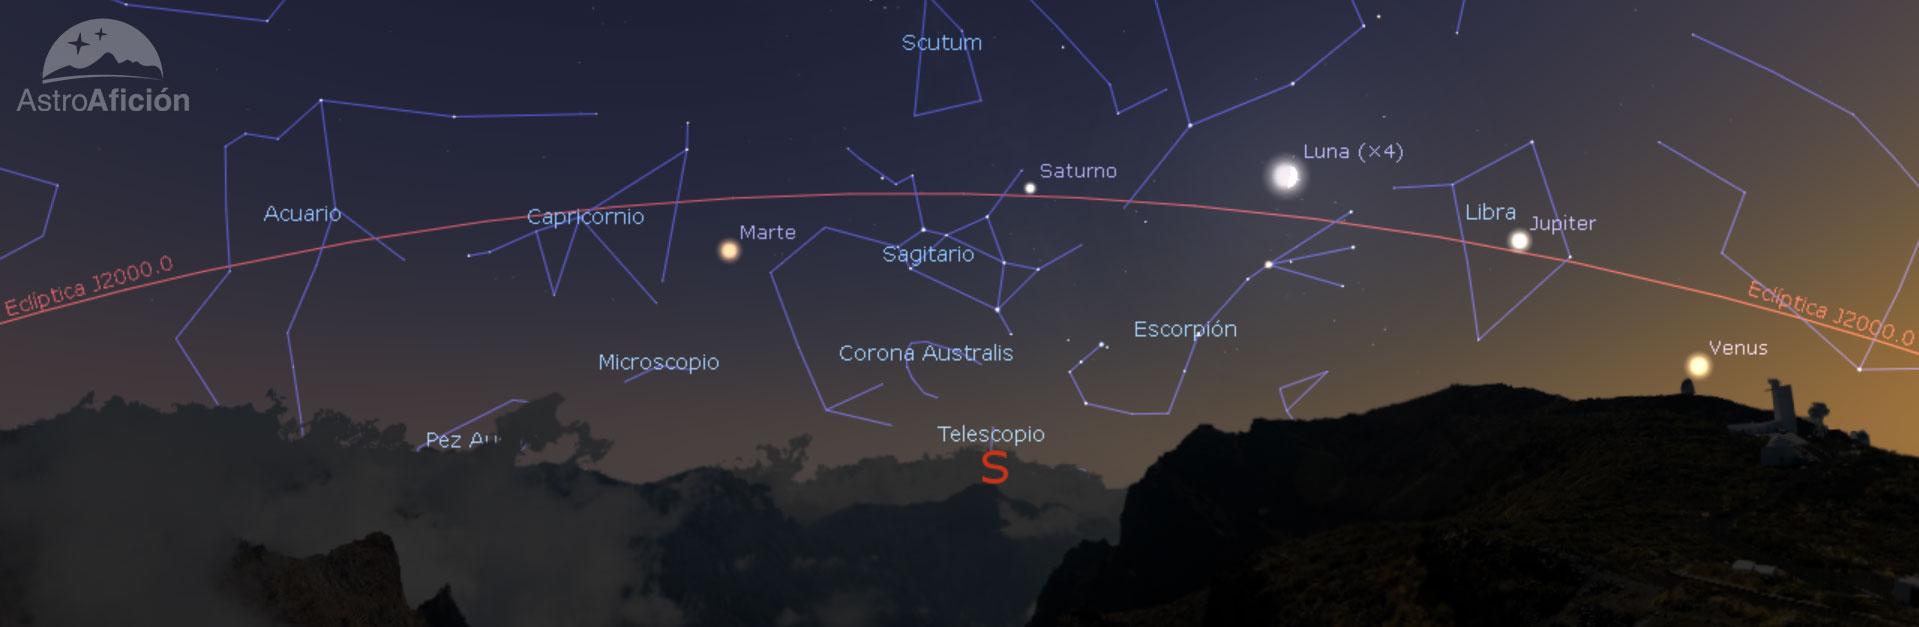 (c) astroafición